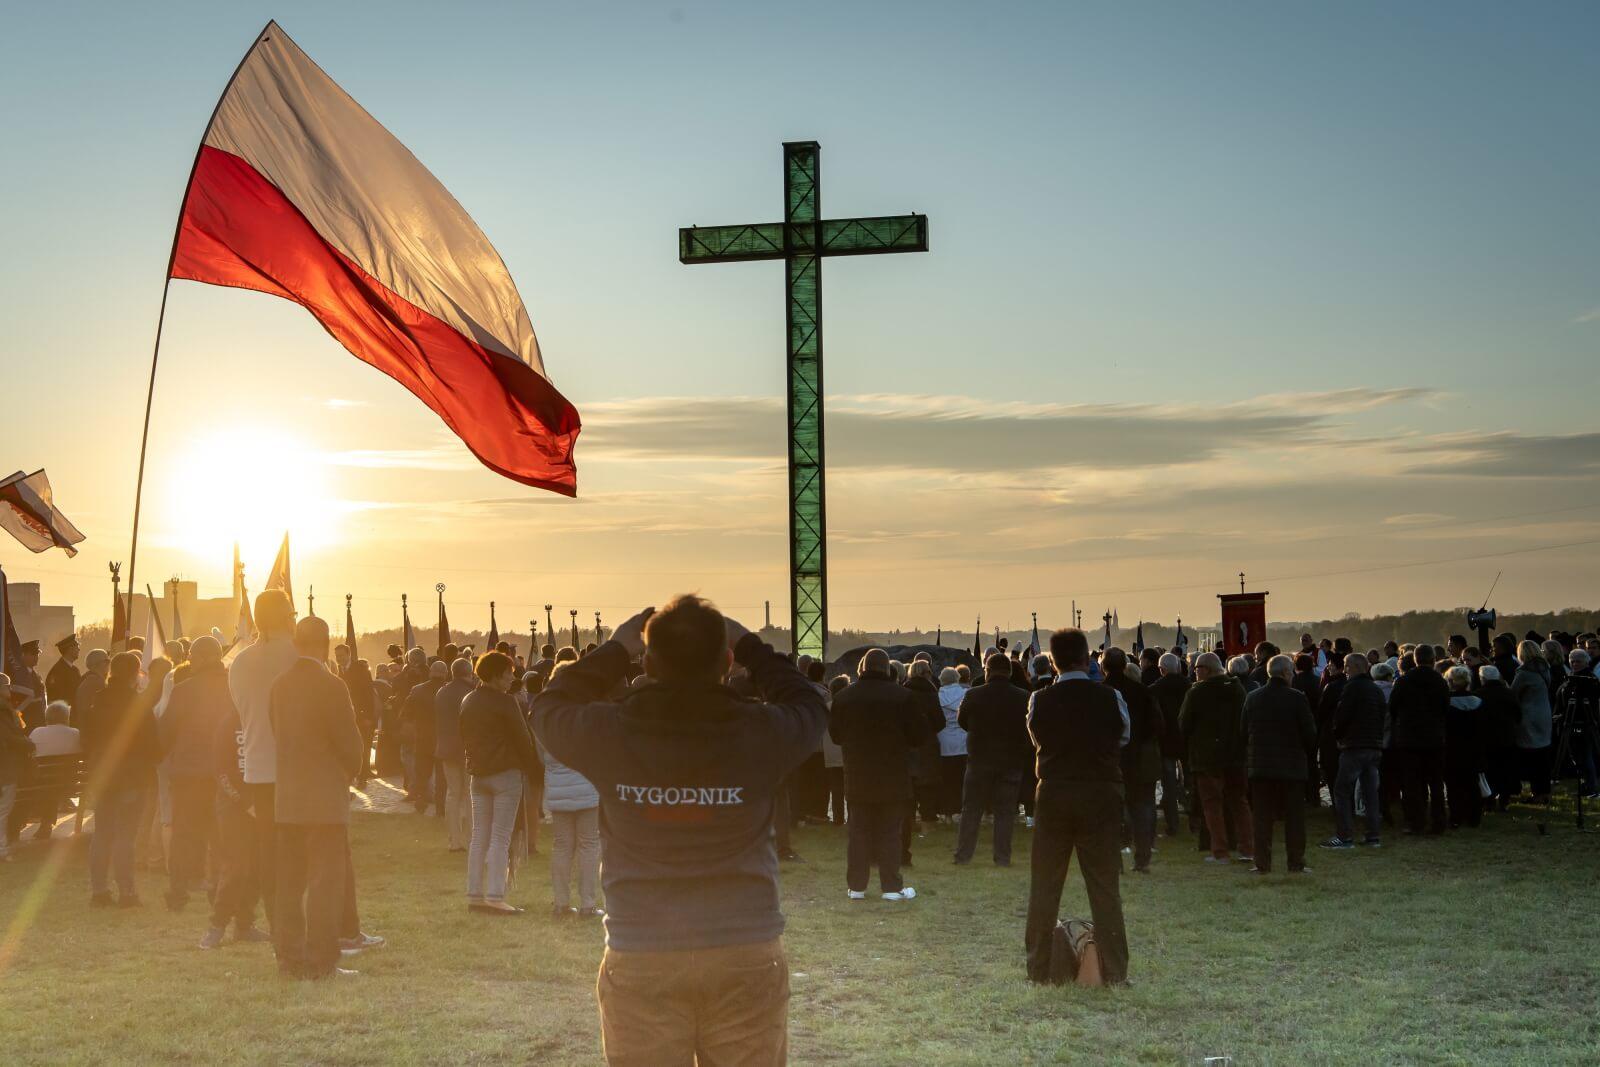 Rozpoczęły się obchody 35. rocznicy śmierći bł. ks. Popiełuszki fot. PAP/Tytus Żmijewski